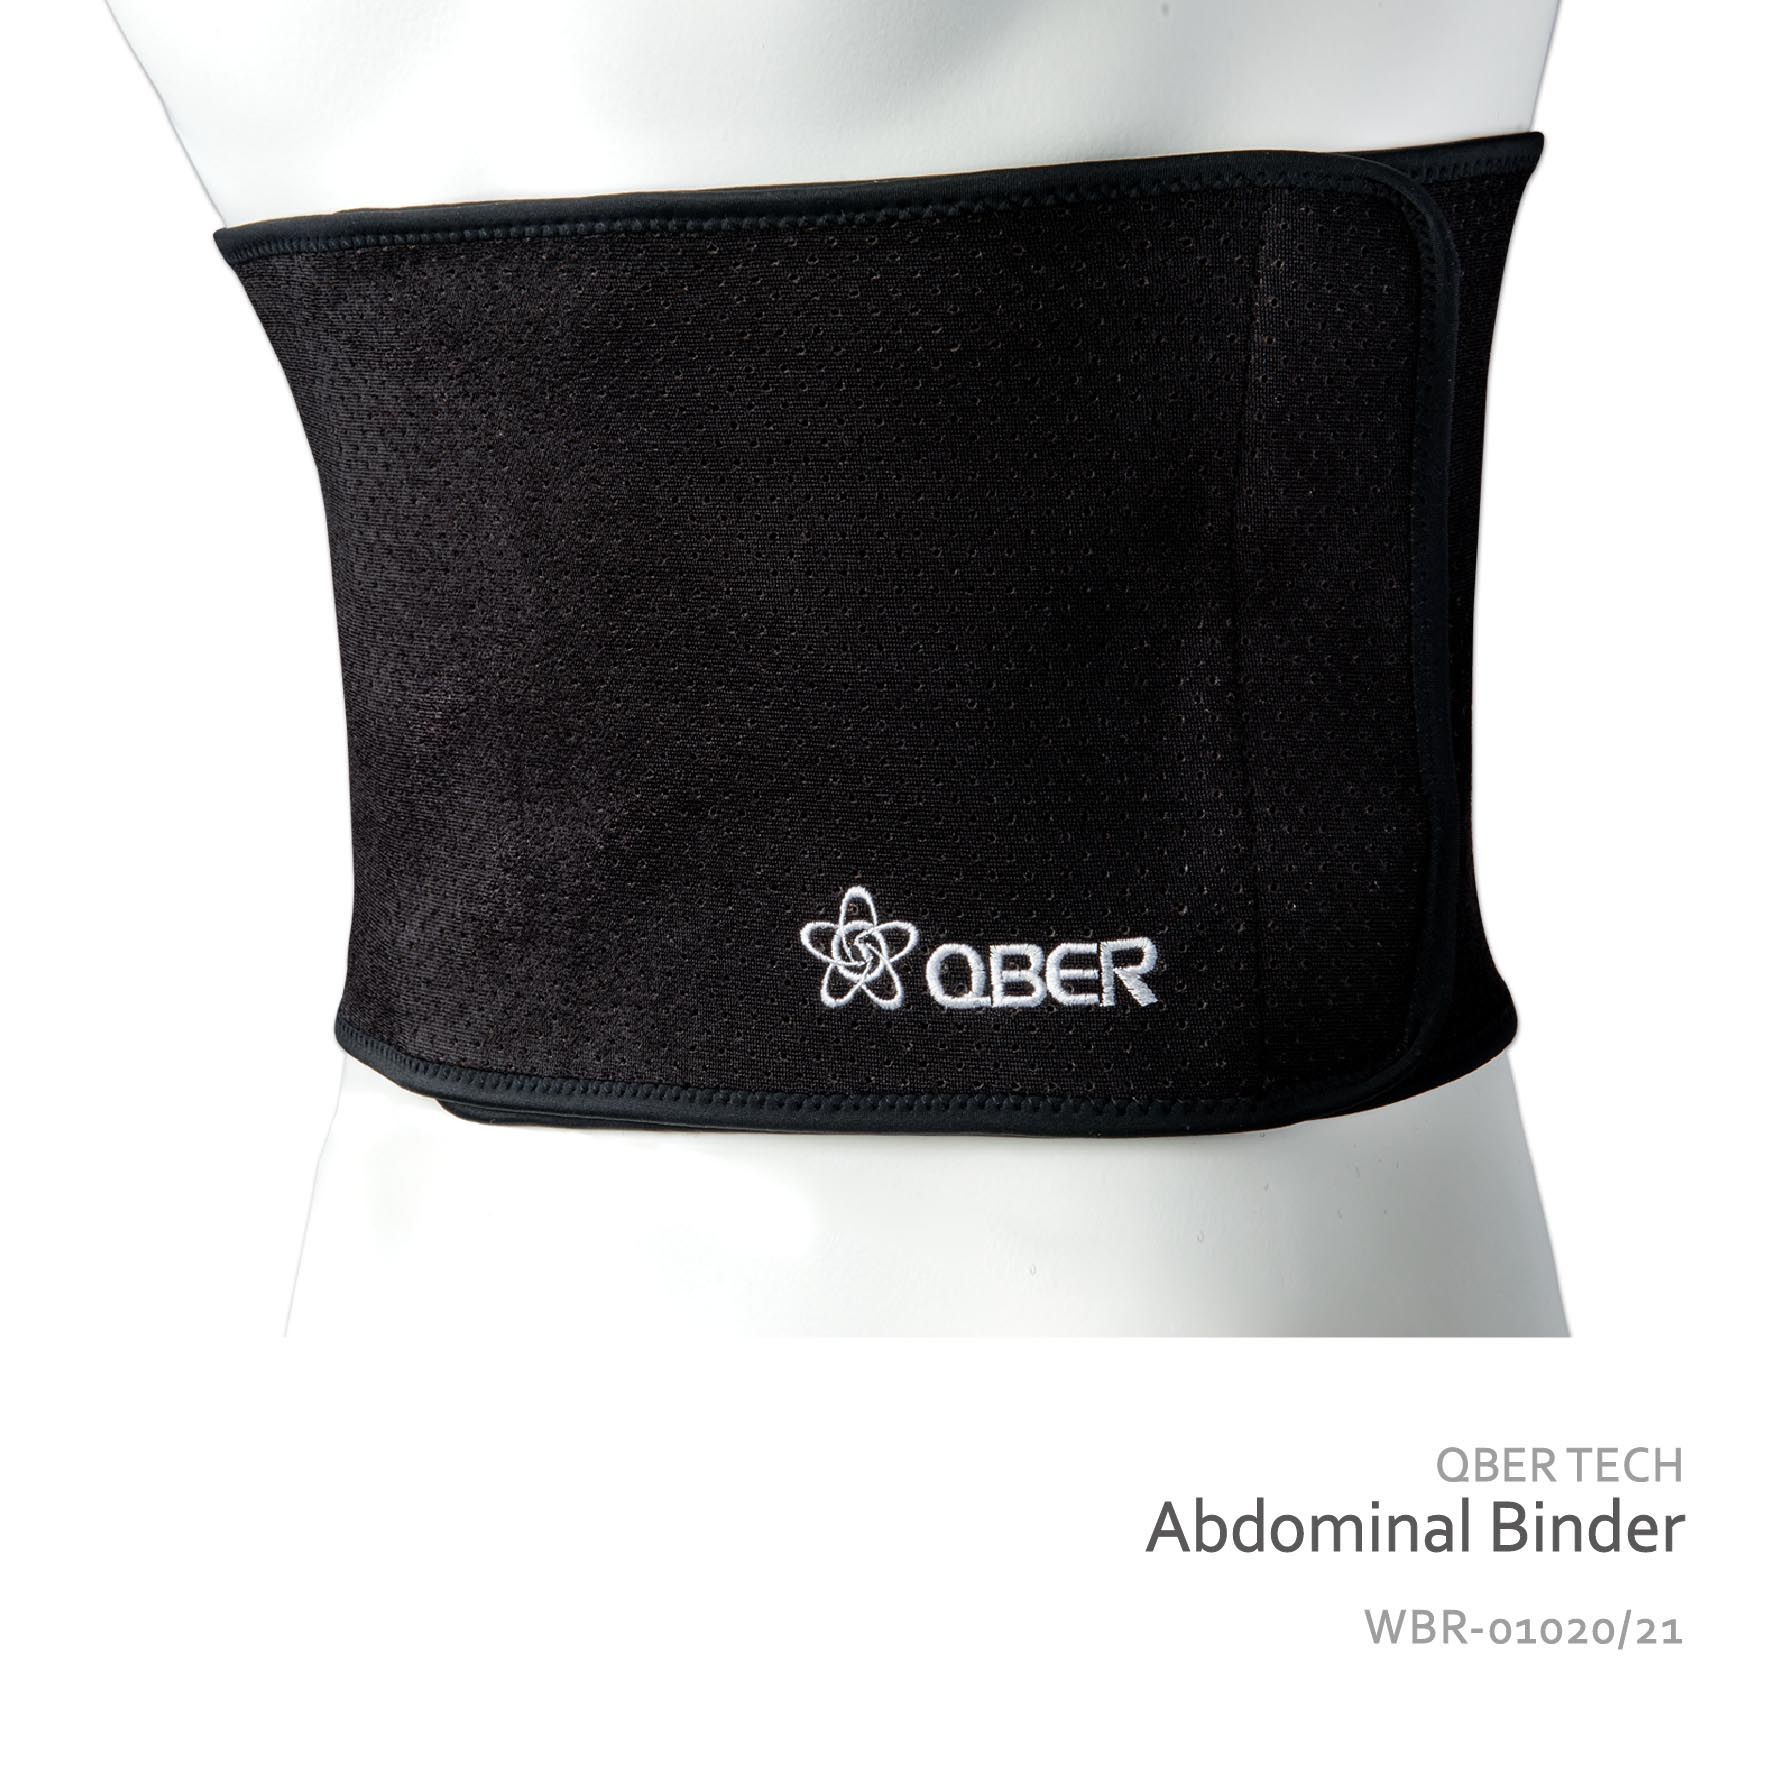 QBER TECH單片式護腰帶-黑色